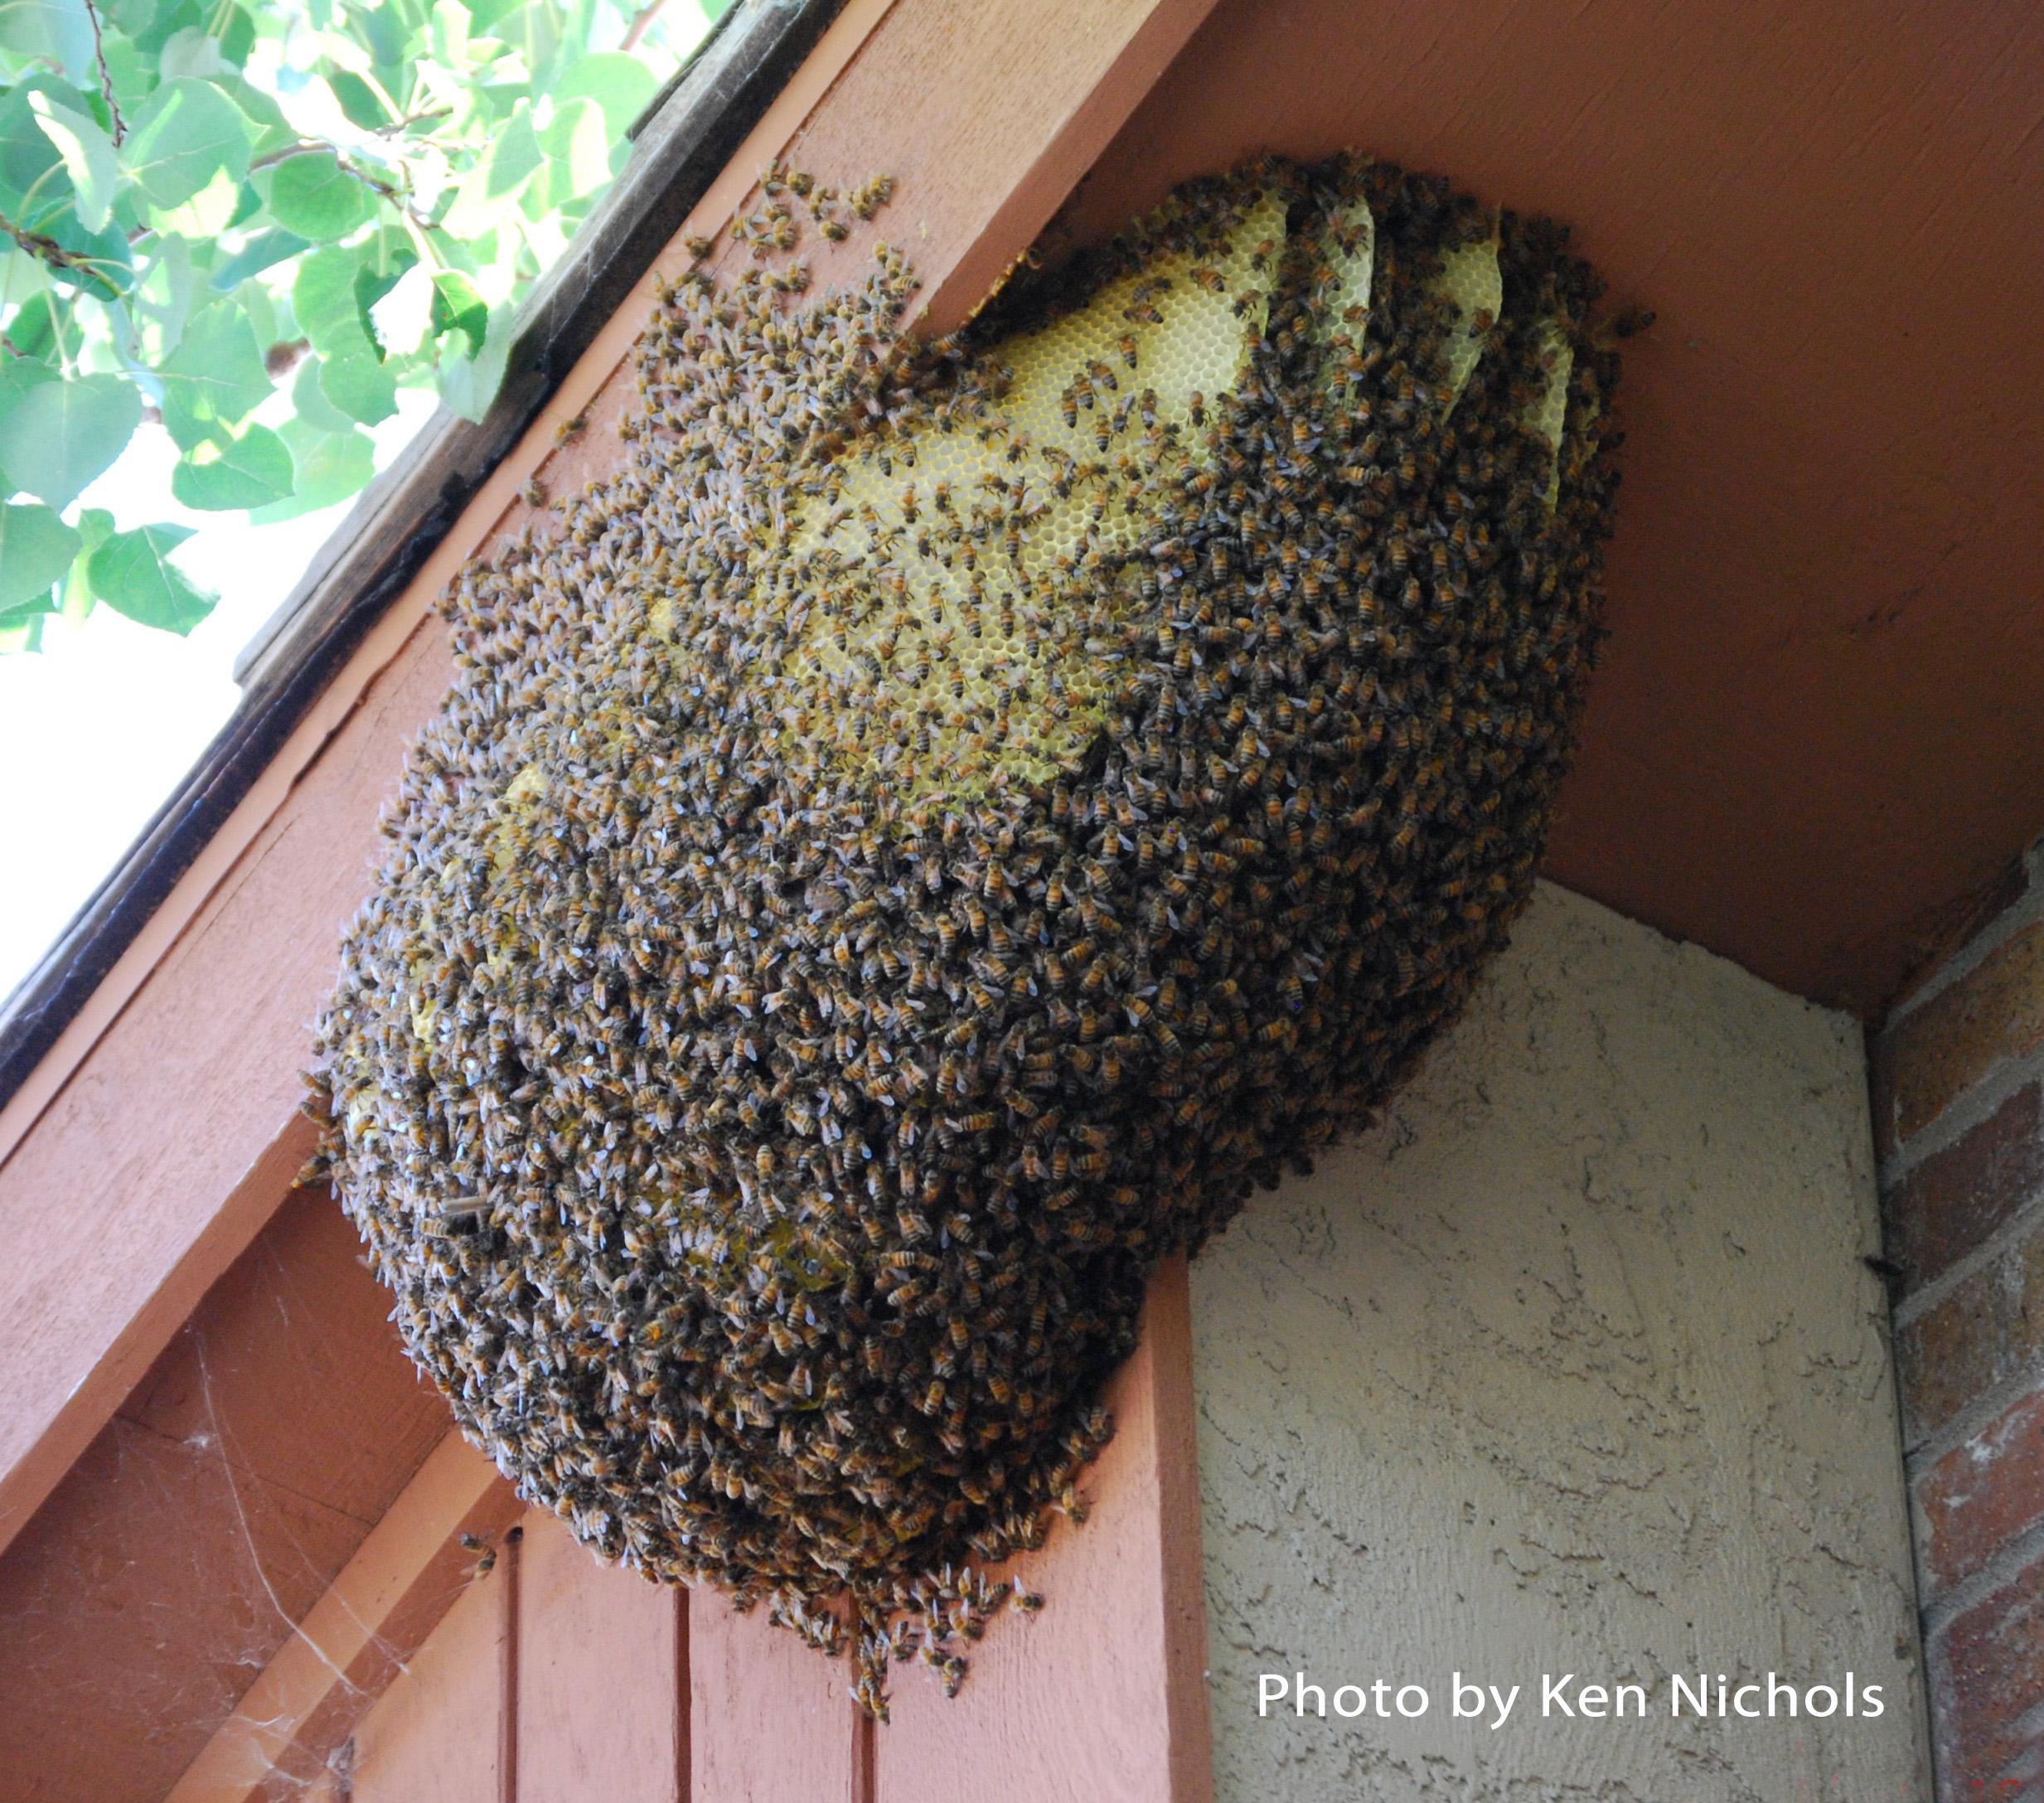 Black and yellow wasp bees vs wasps vs yellow